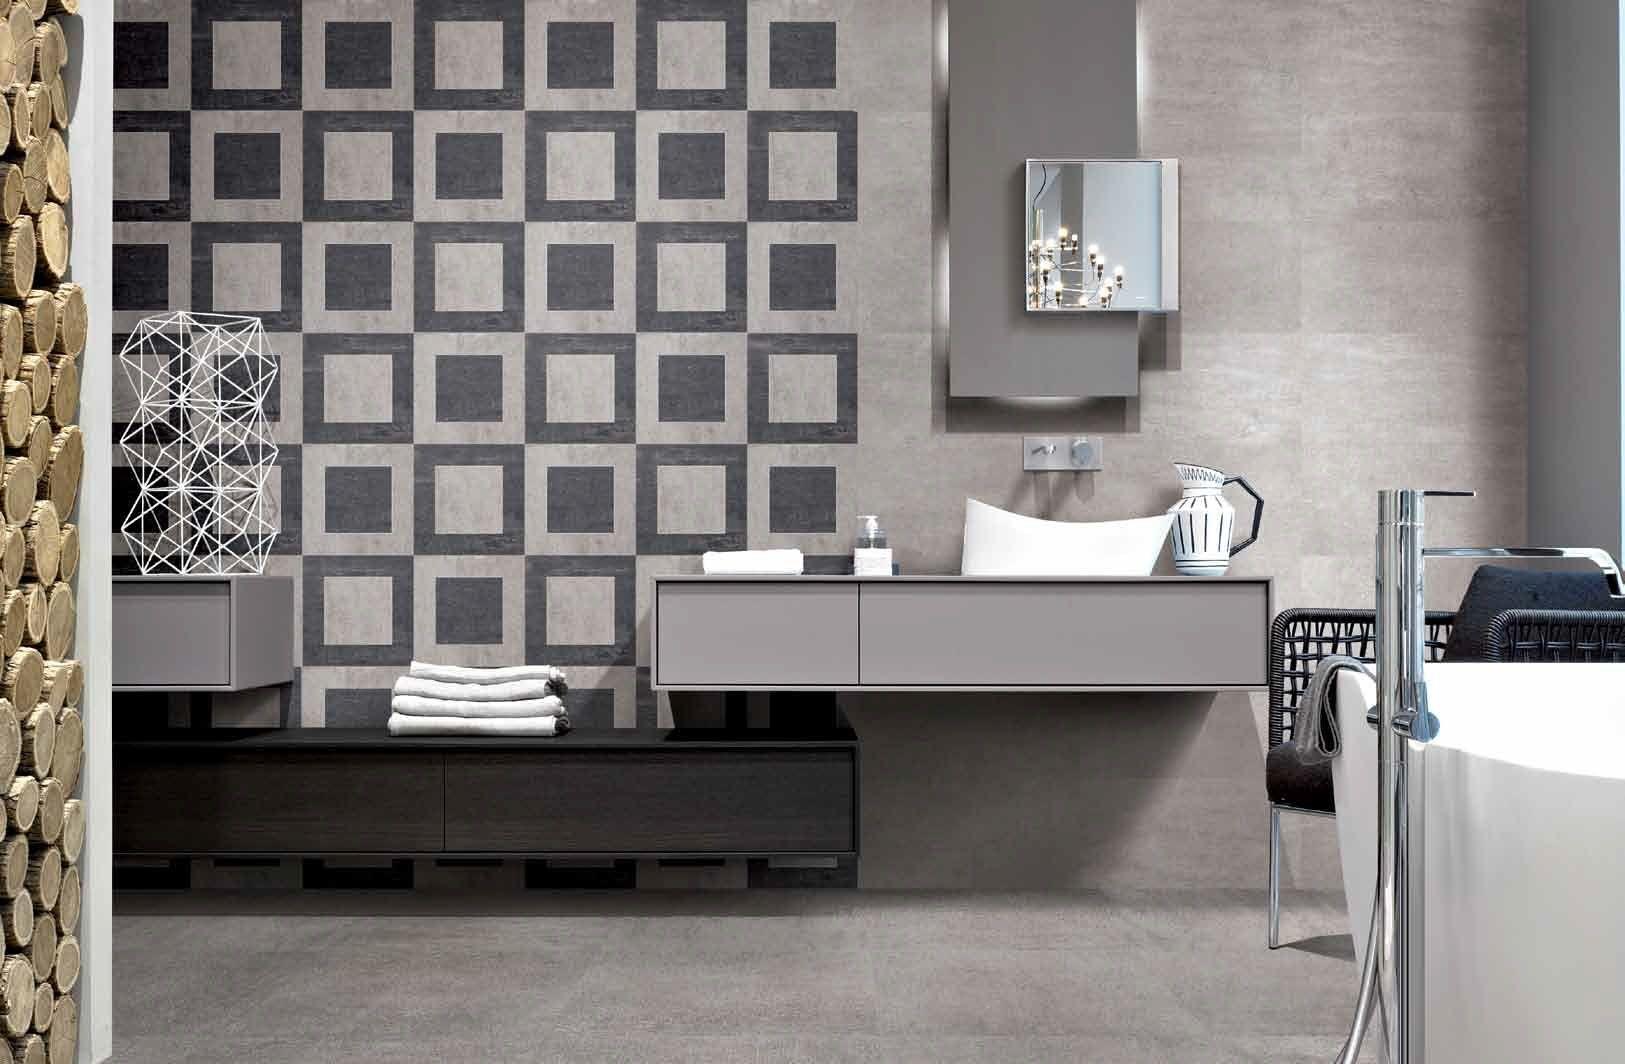 Badkamer Tegels Ceramico : Emil ceramica on square wandtegels vloertegels gratis maandelijks